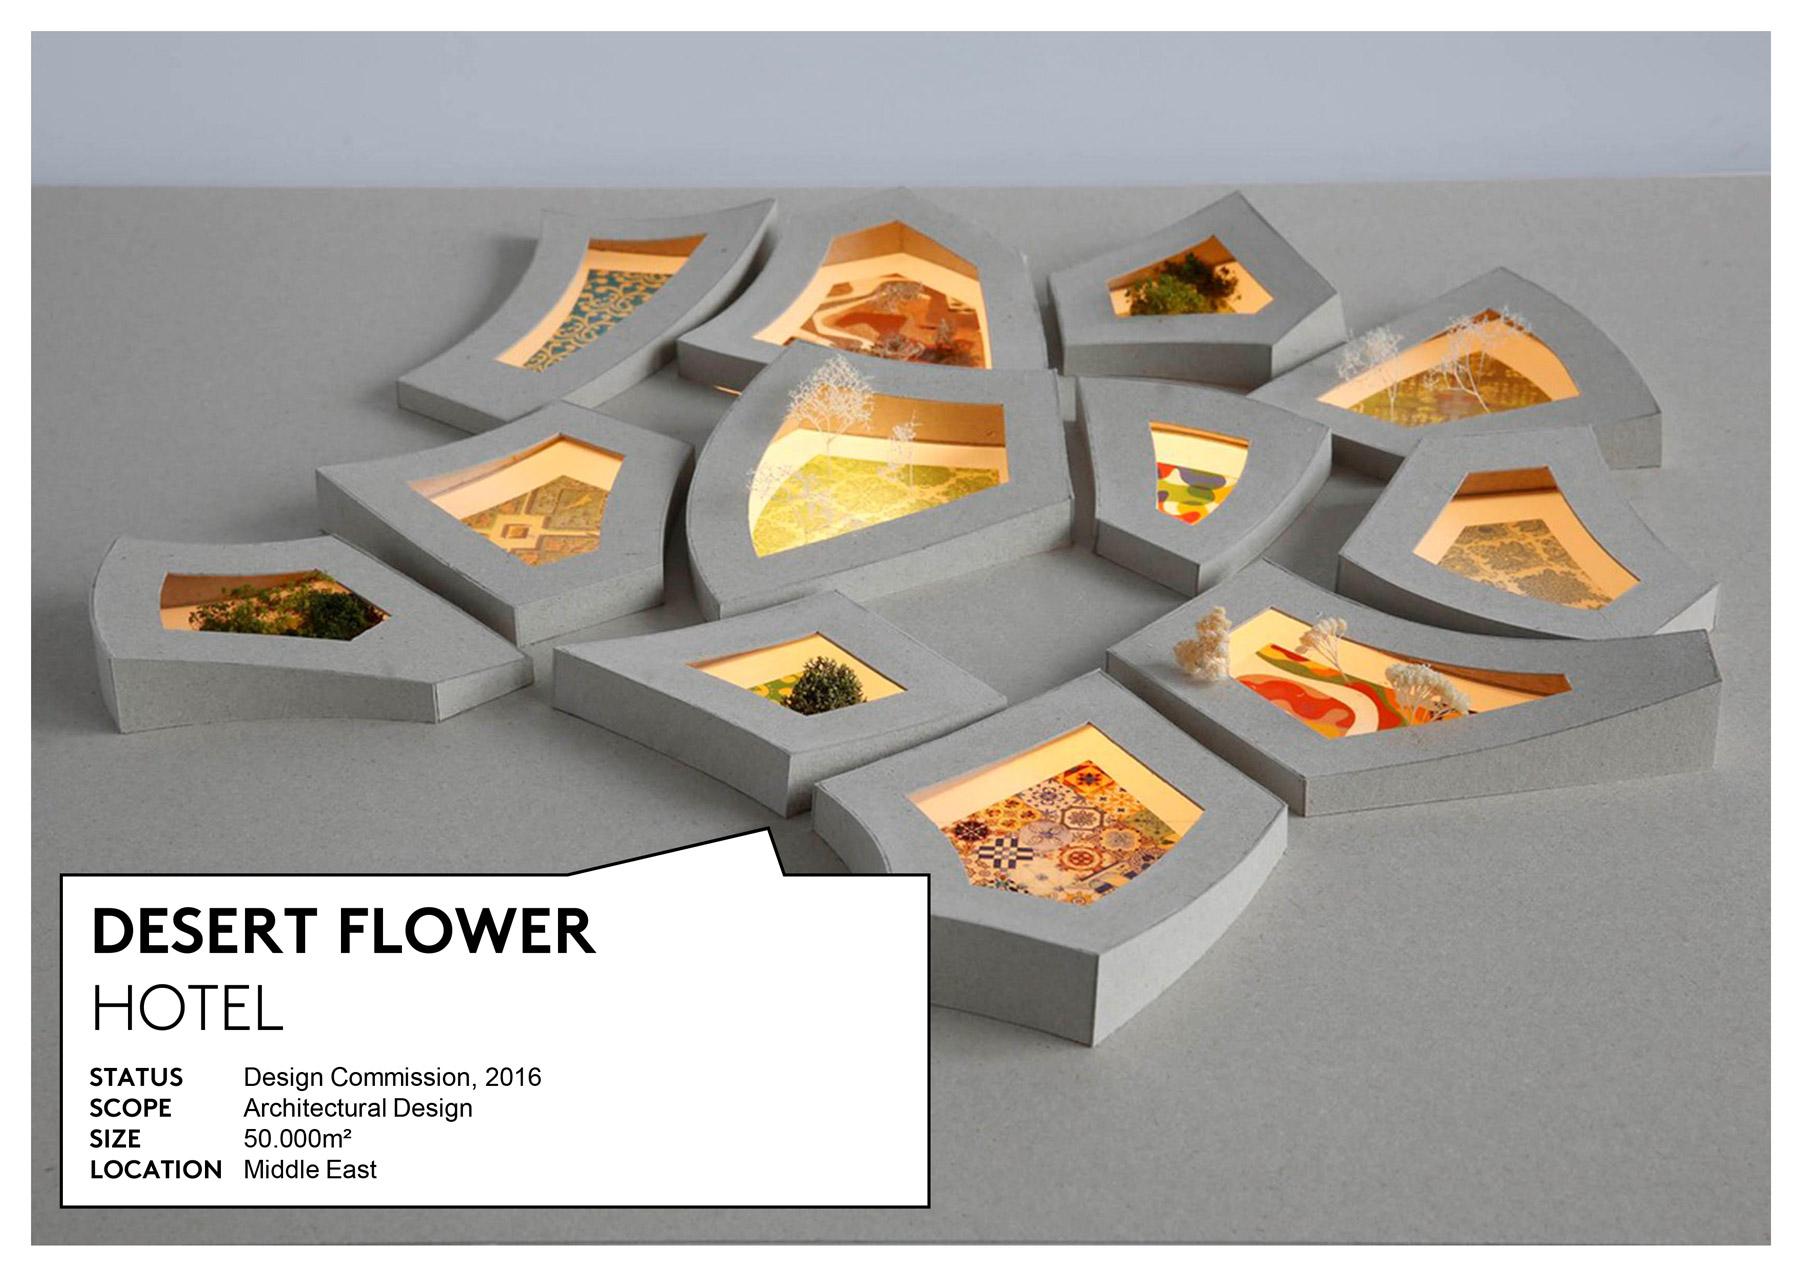 311_Desert_Flower_Slide_02